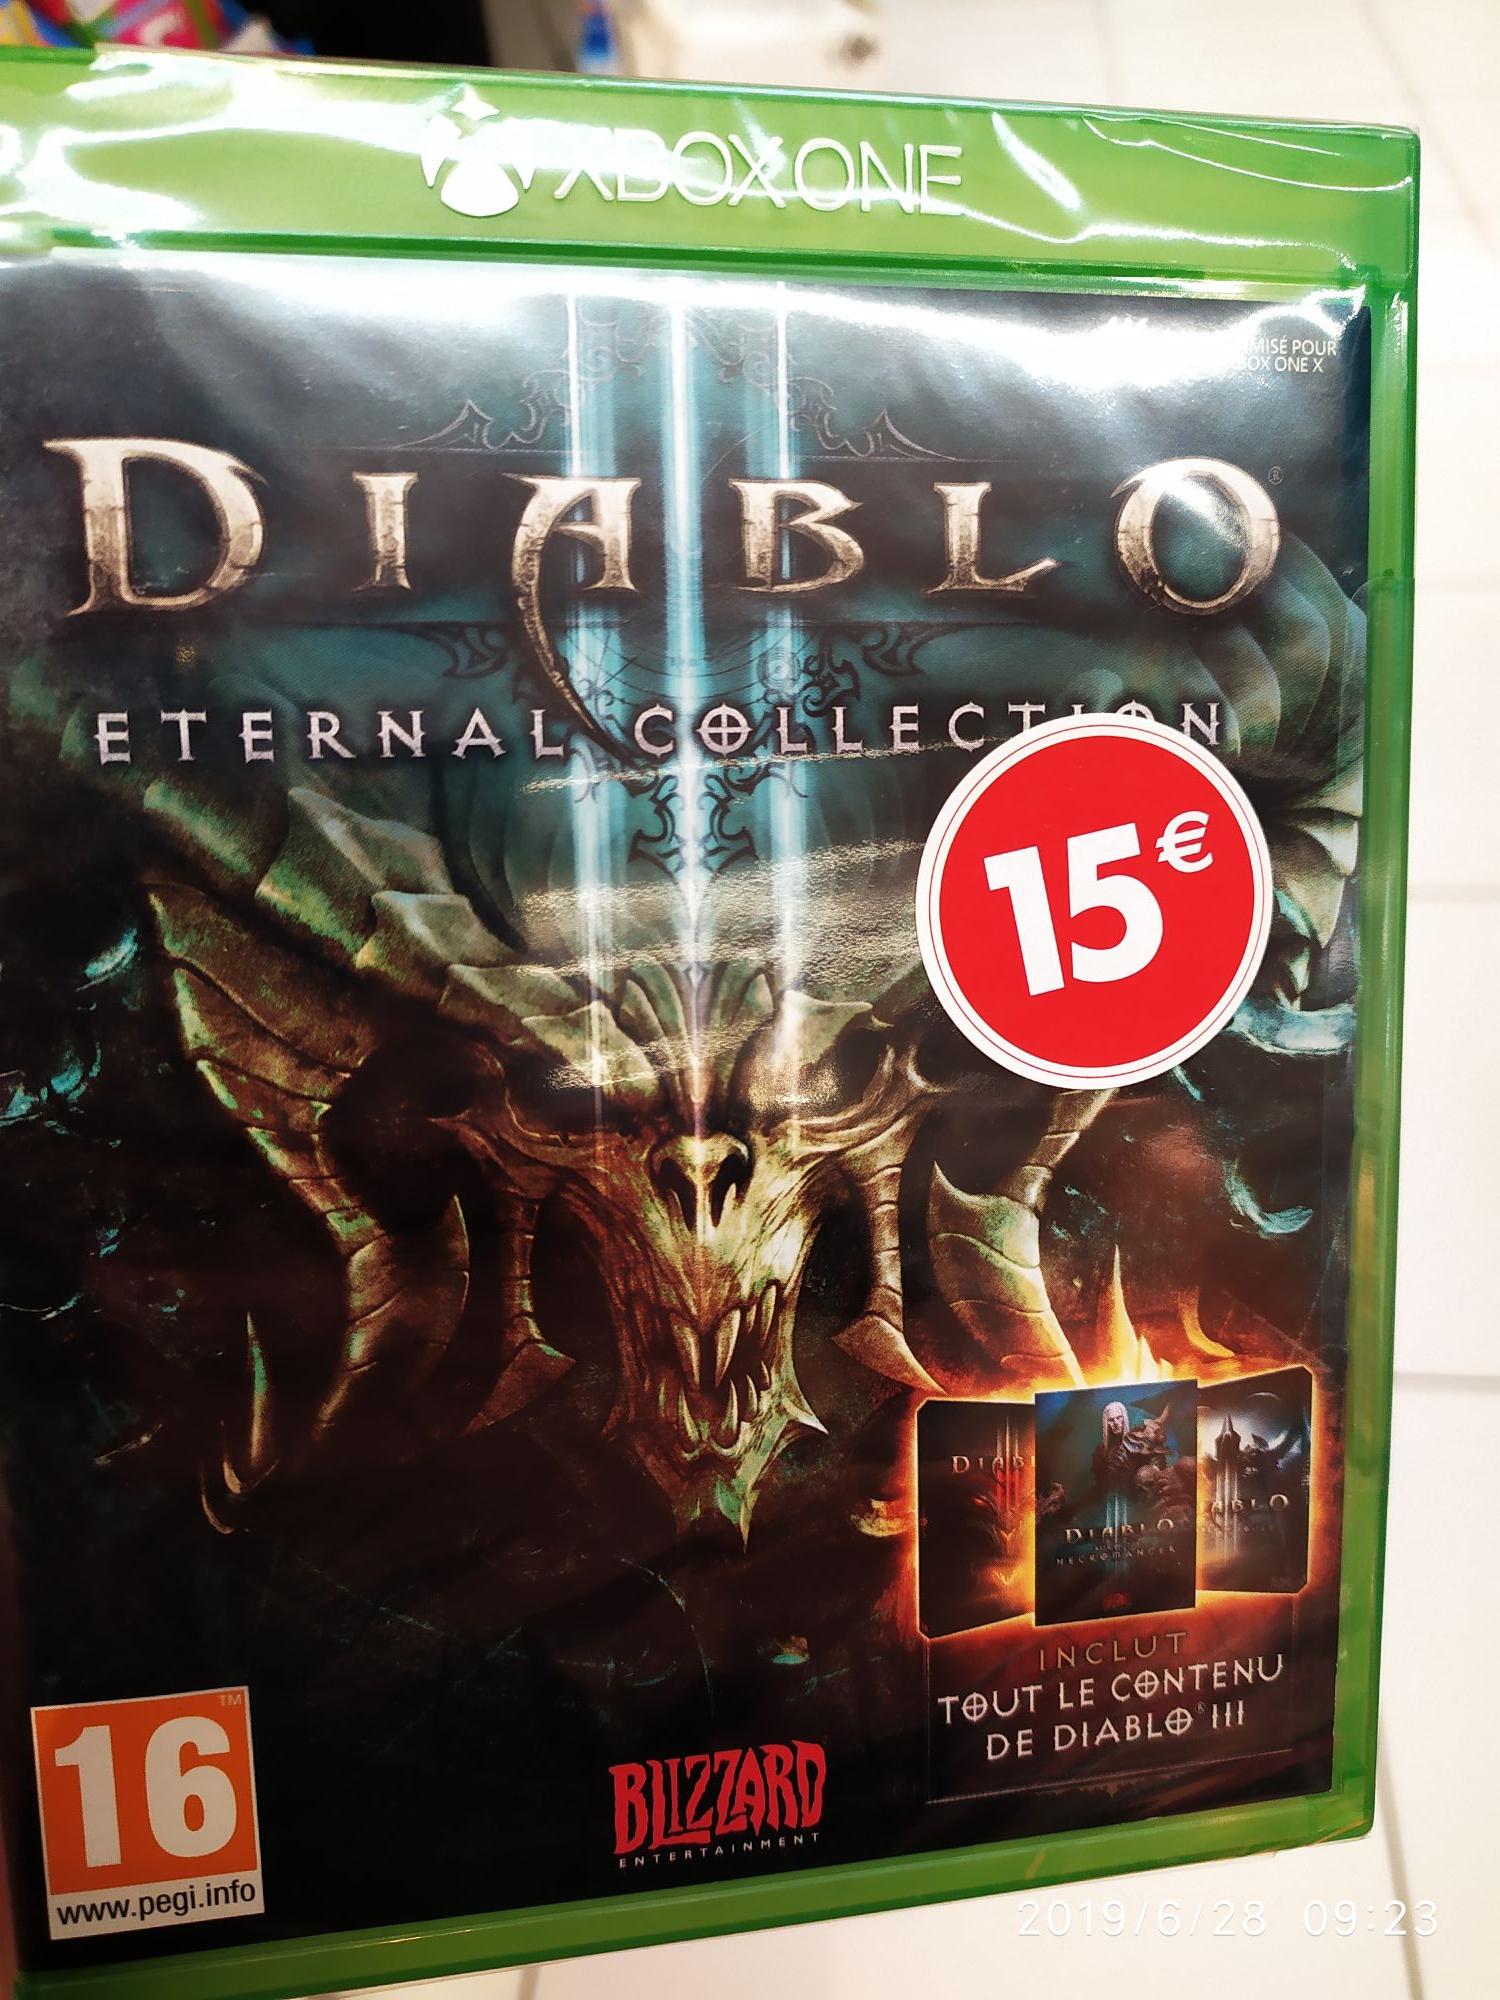 Jeu Diablo III Eternal Collection sur Xbox One (Flers-en-Escrebieux 59)